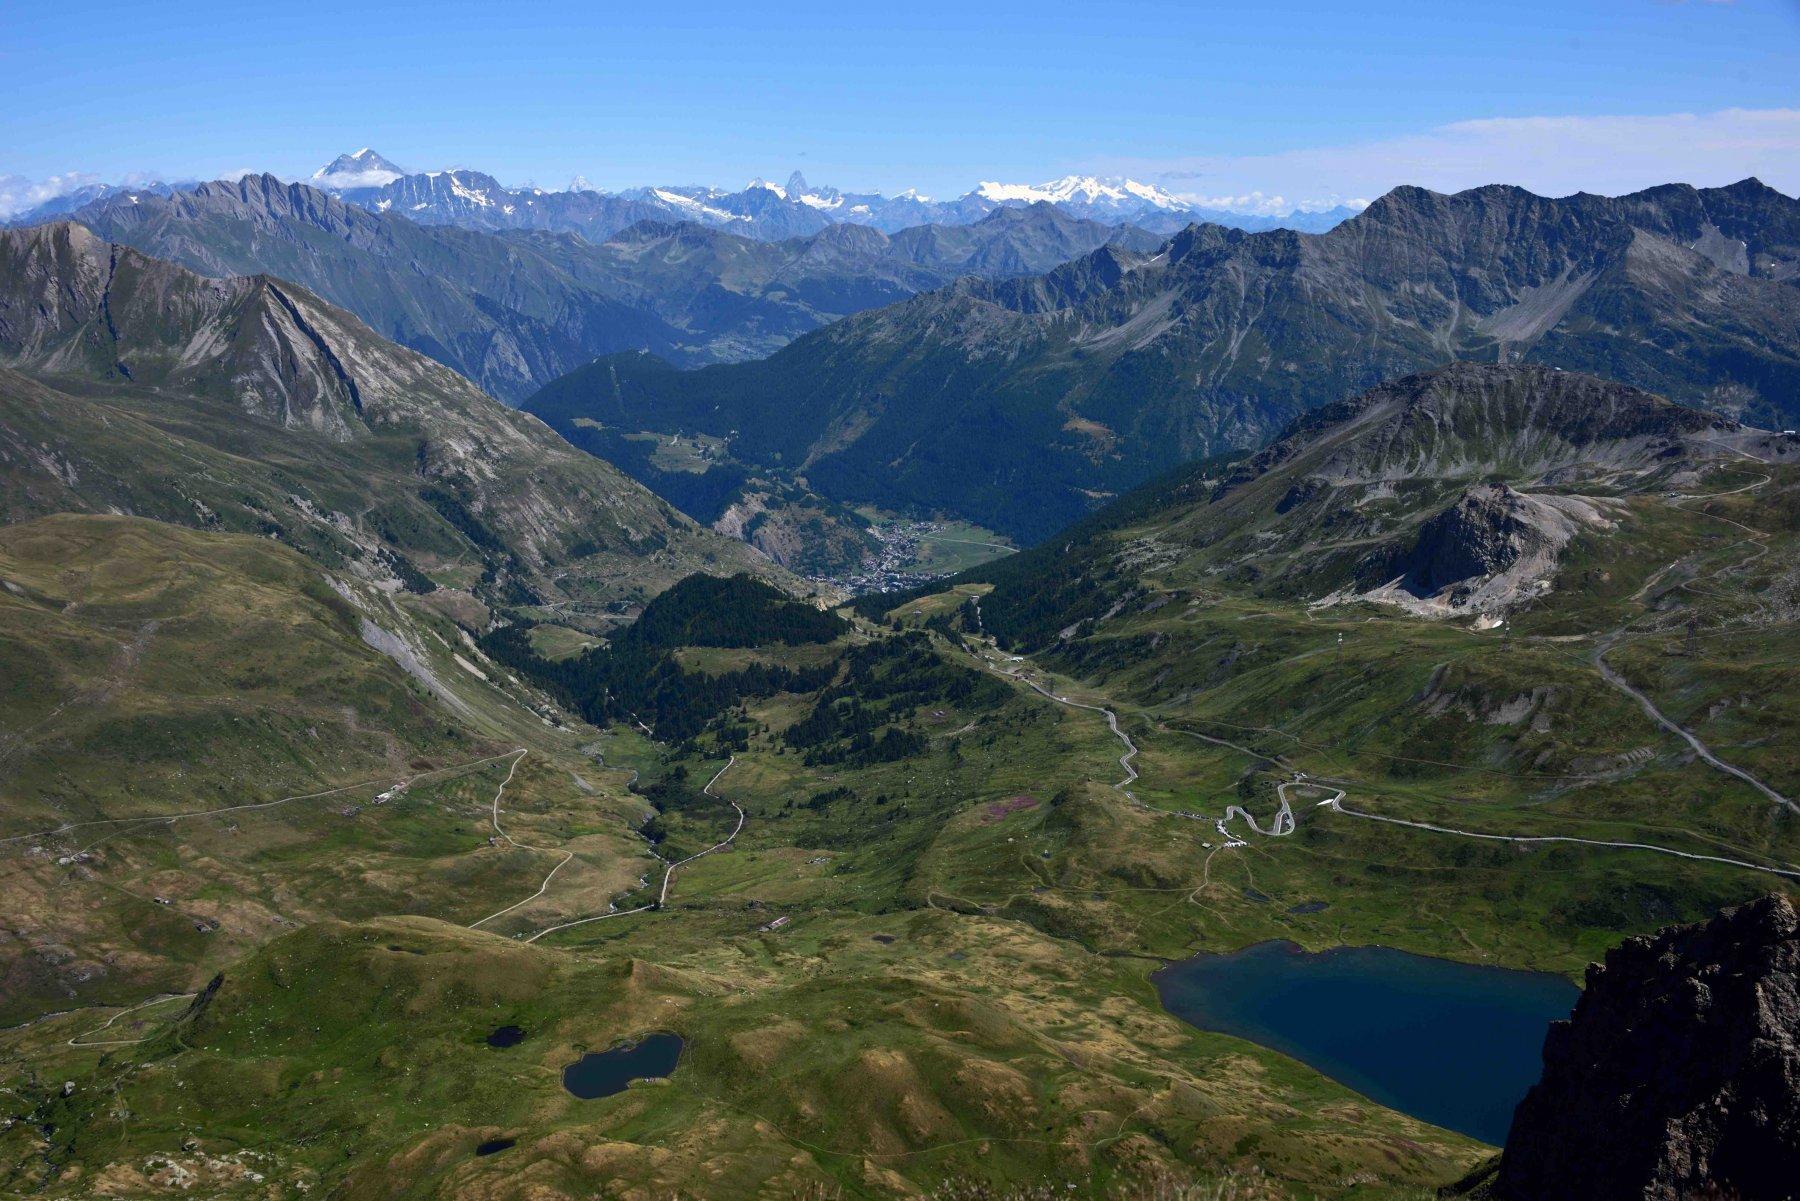 Veduta sul Lago Verney, La Thuile e la Valle d'Aosta dalla vetta